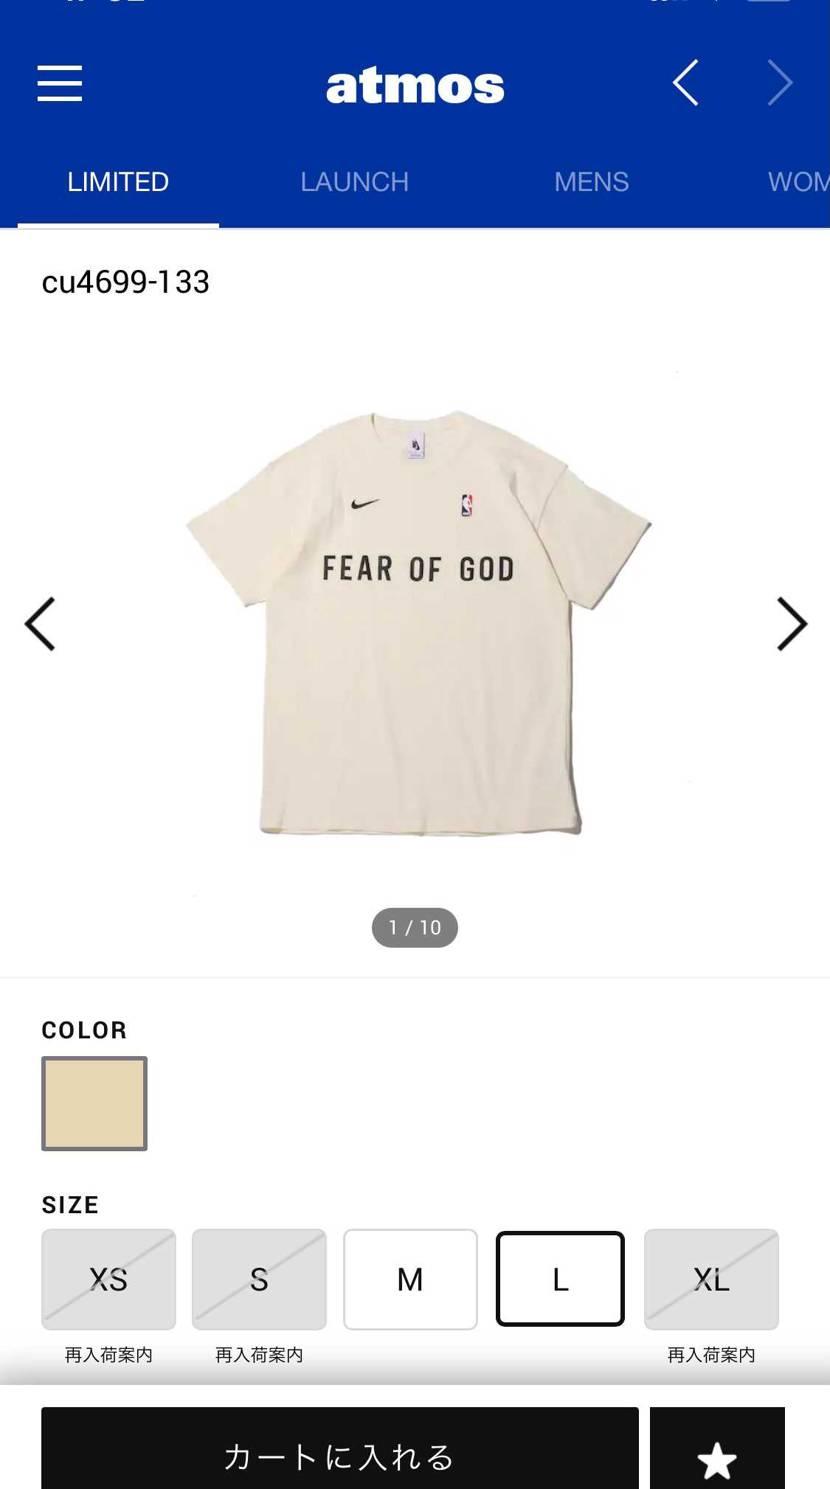 atmosで各色Tシャツと黒short余ってます!